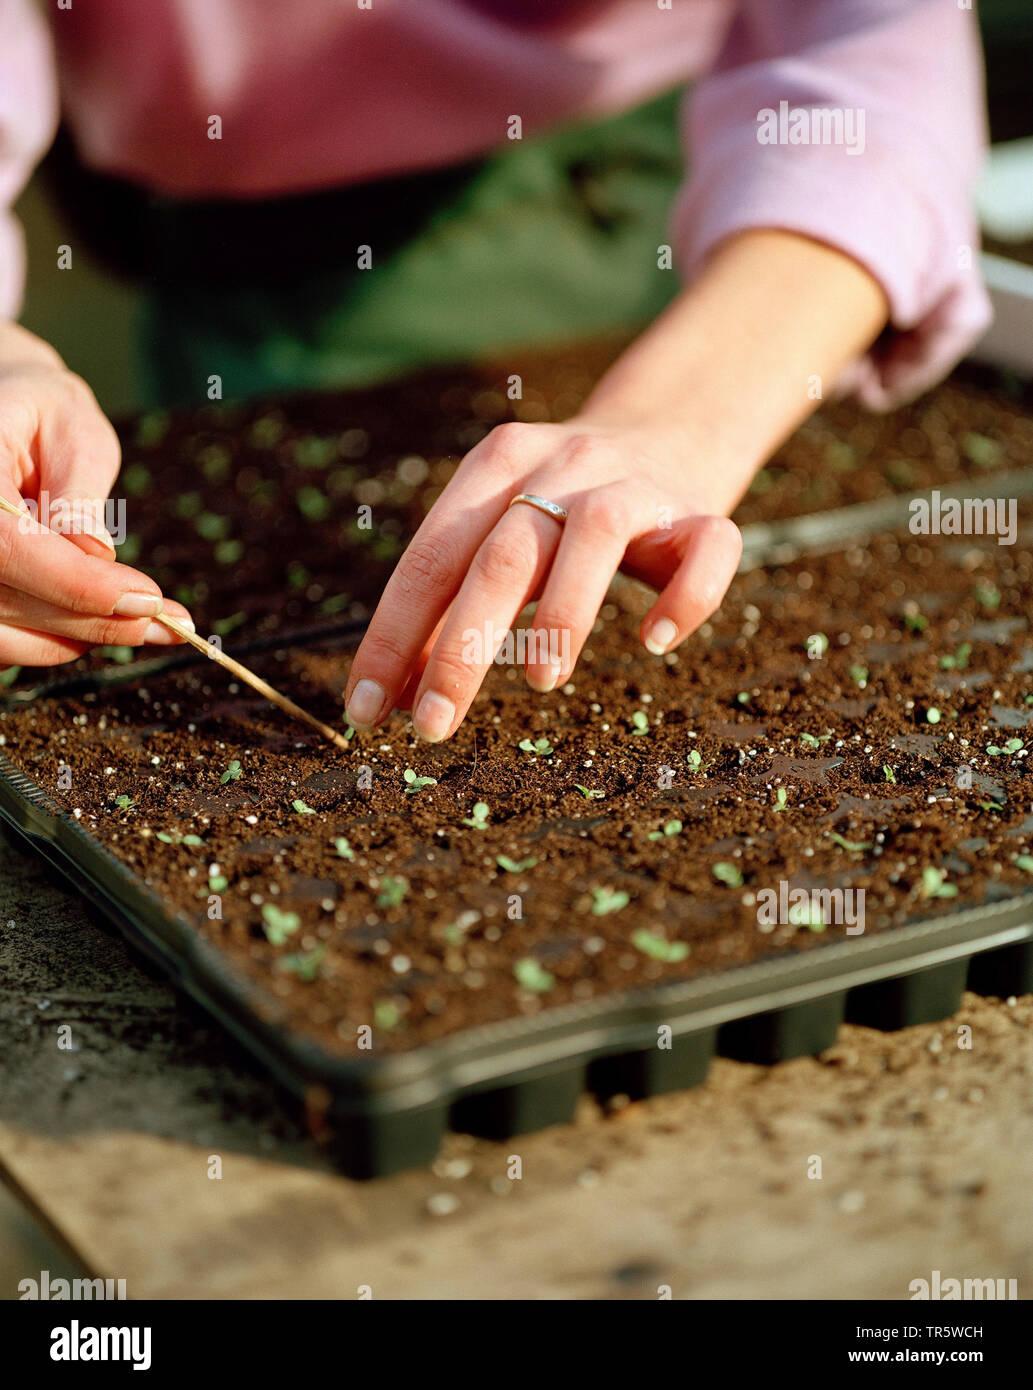 Ansaaten in einem Gewaechshaus einer Gaertneri, Pikieren der Saemlinge, Deutschland | greenhouse with seedlings in a nursery, roguing, Germany | BLWS4 - Stock Image